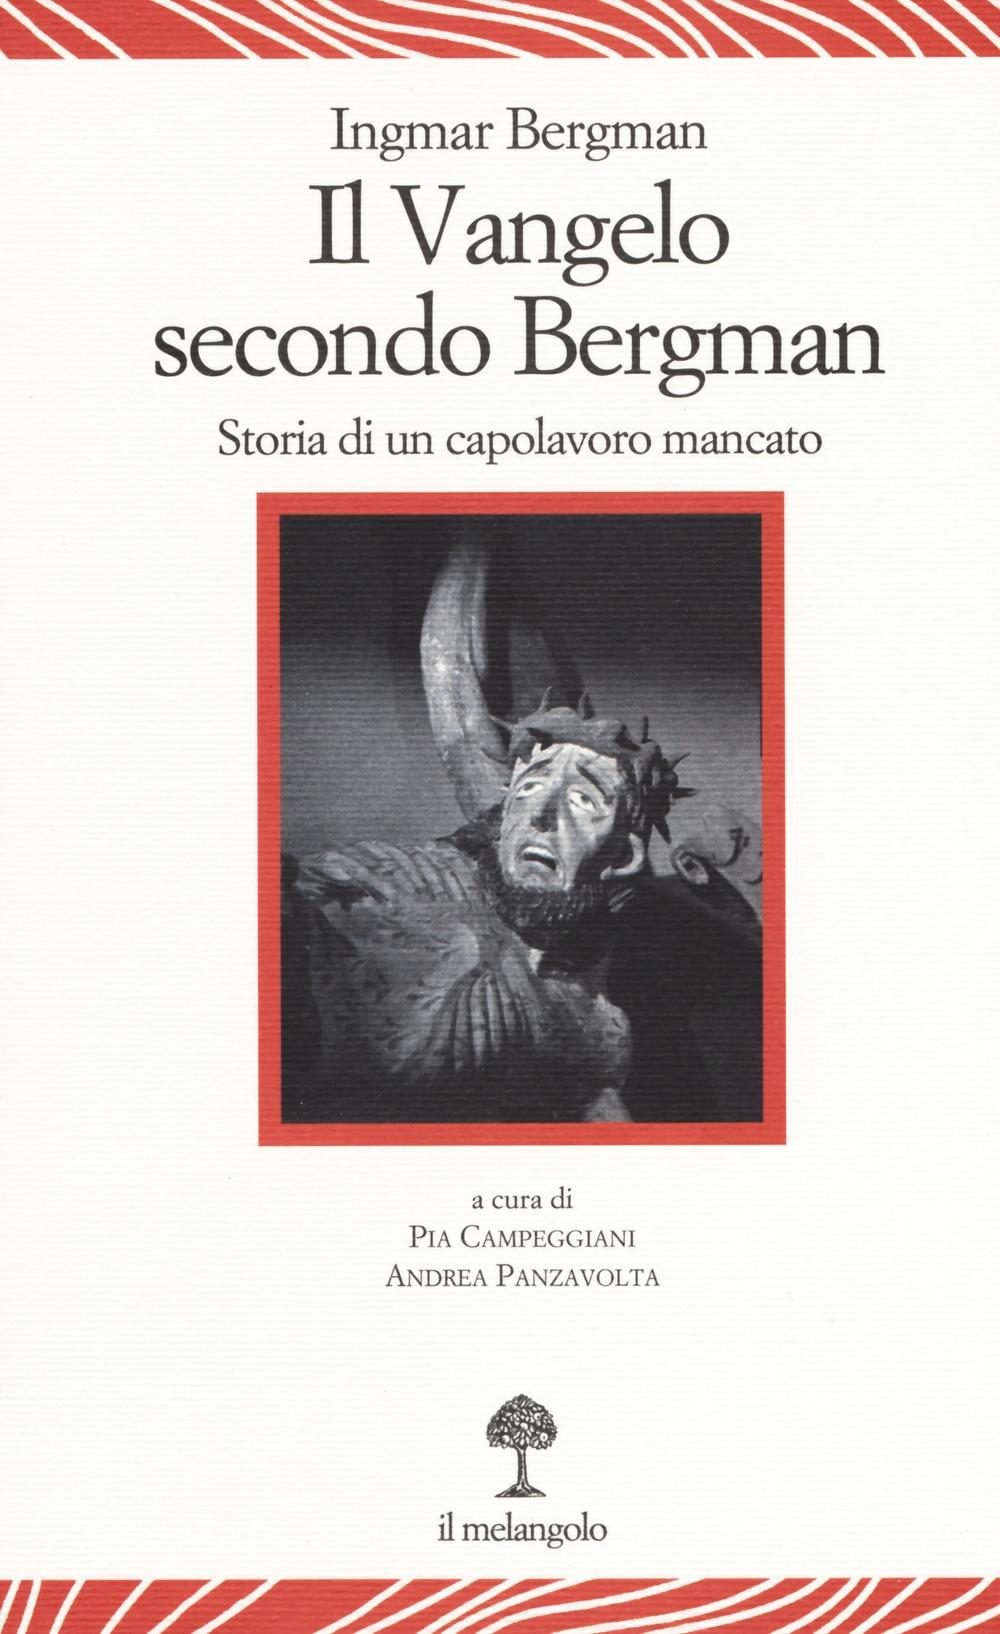 Il vangelo secondo Bergman. Storia di un capolavoro mancato. Testo svedese a fronte. Ediz. bilingue